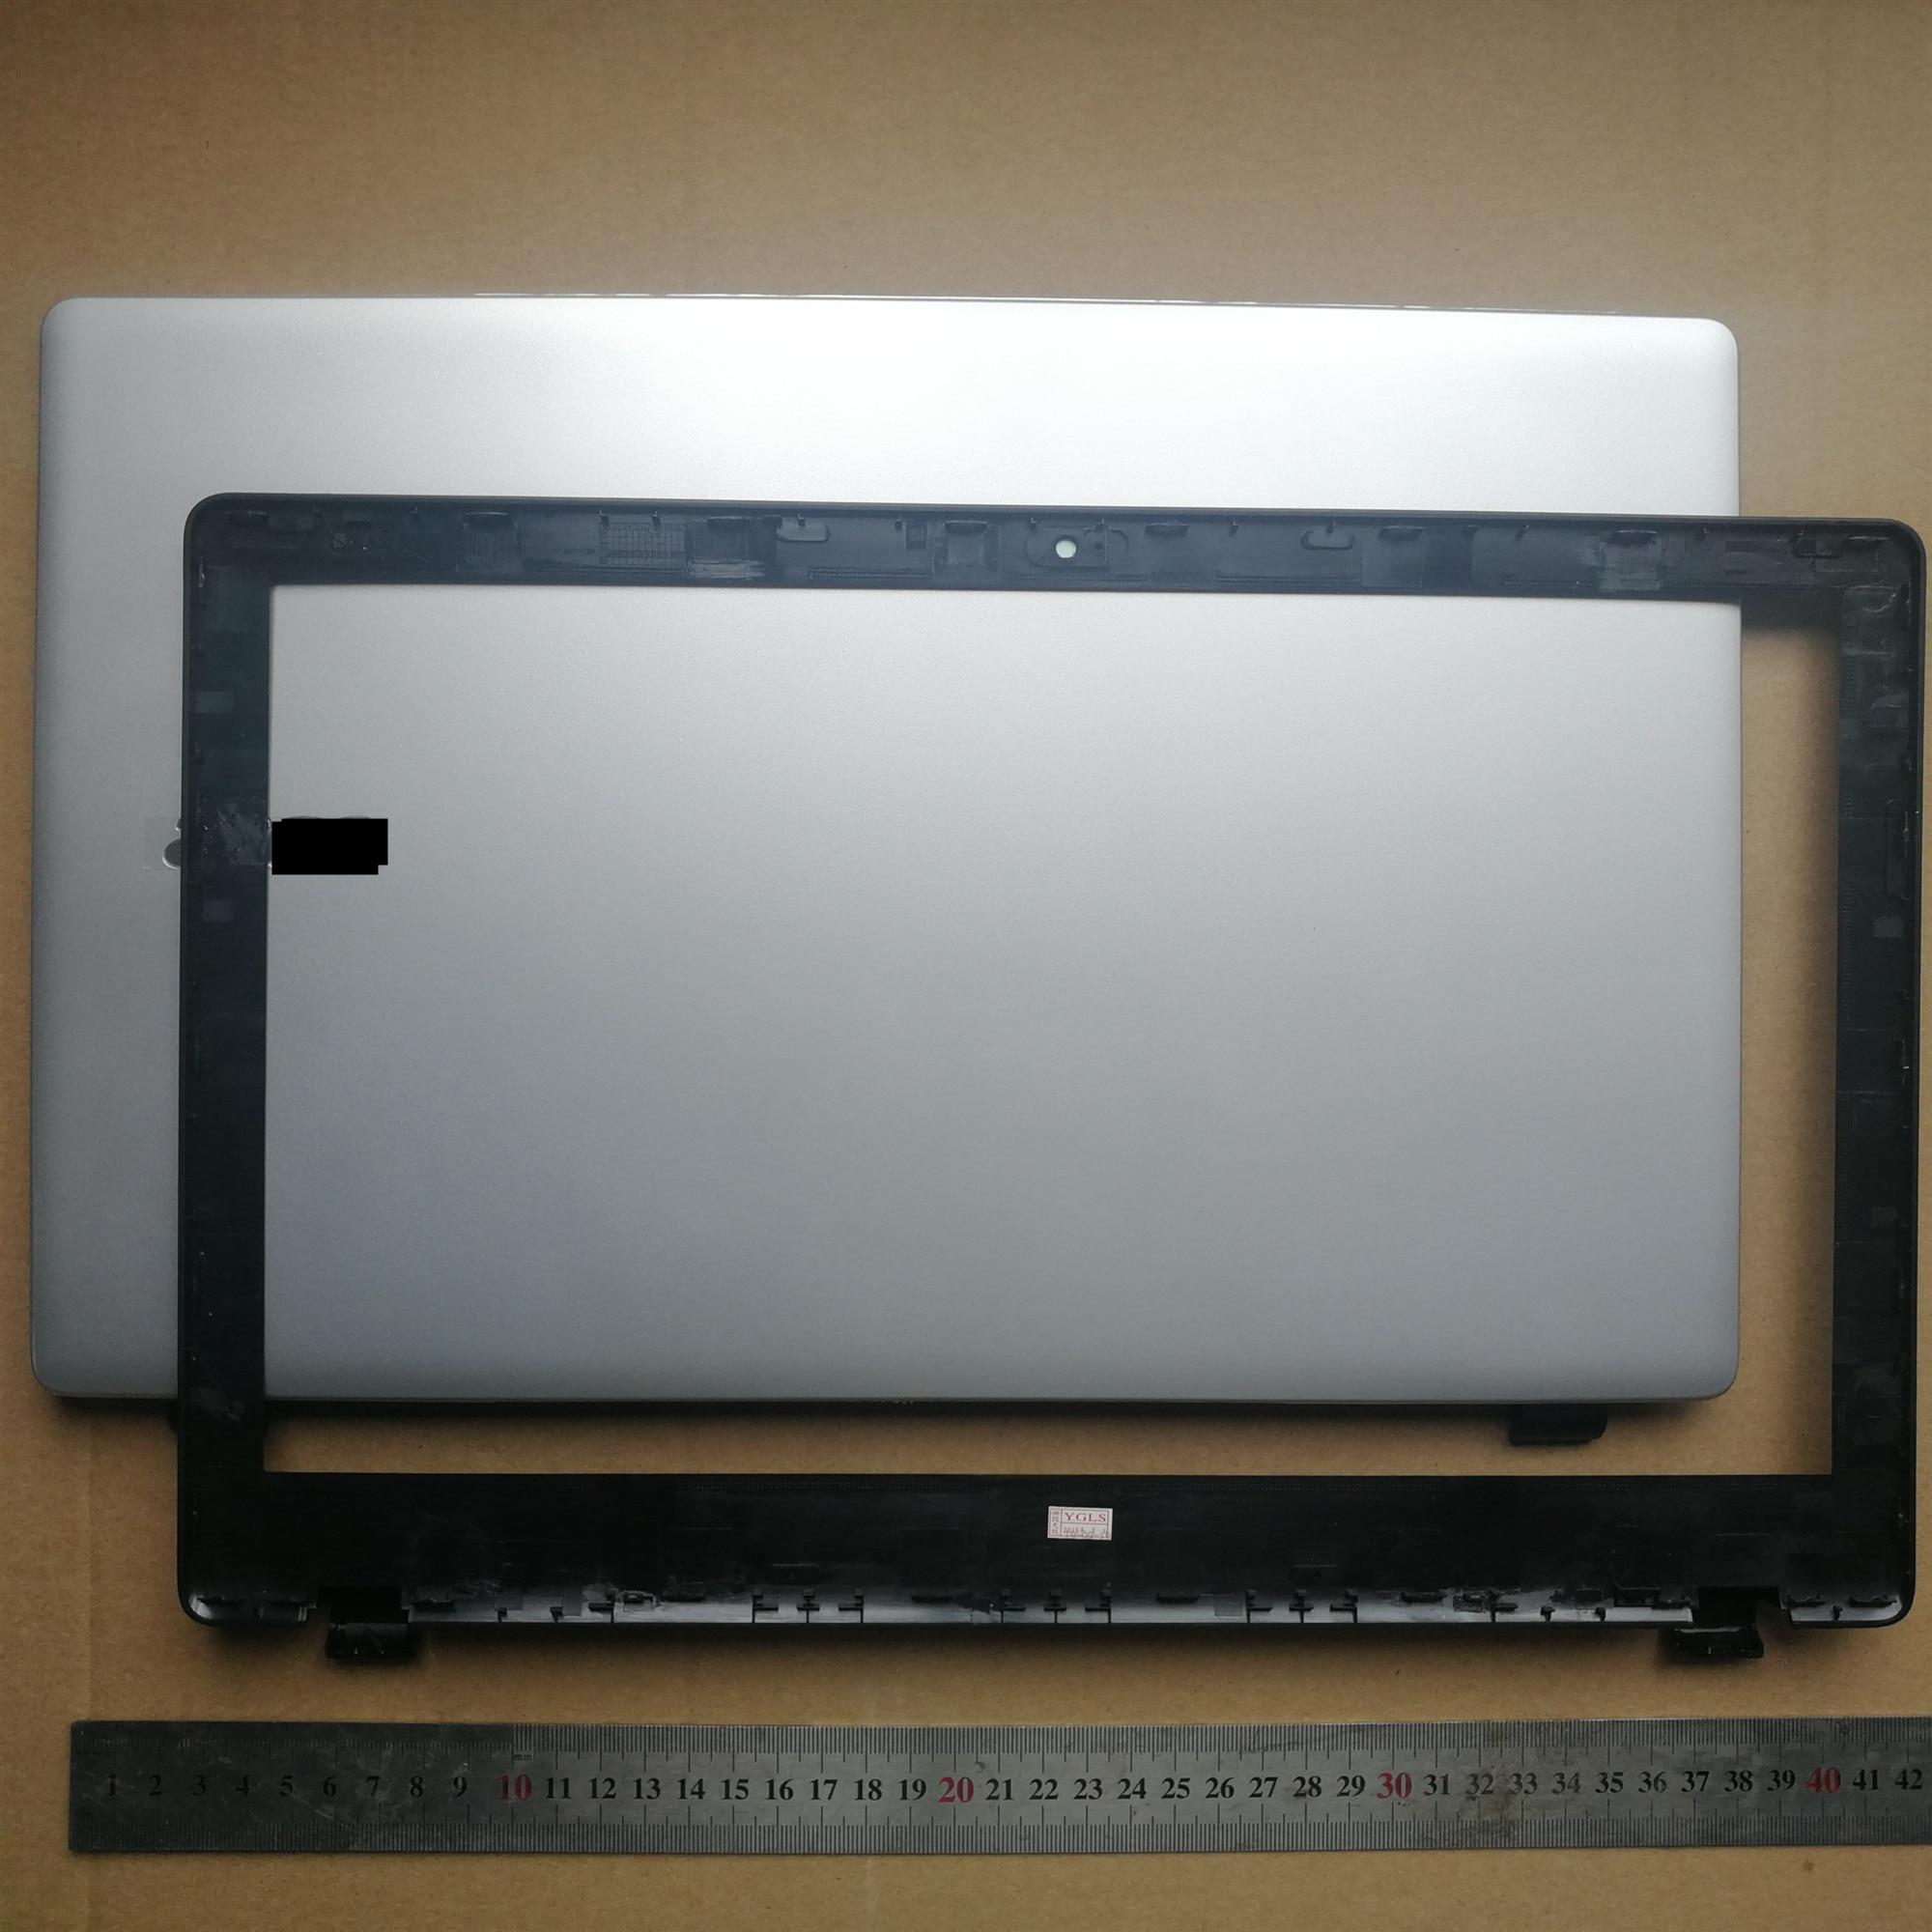 NEW FOR Acer Aspire V3-572 V3-572G LCD Back Cover Lid Back Rear